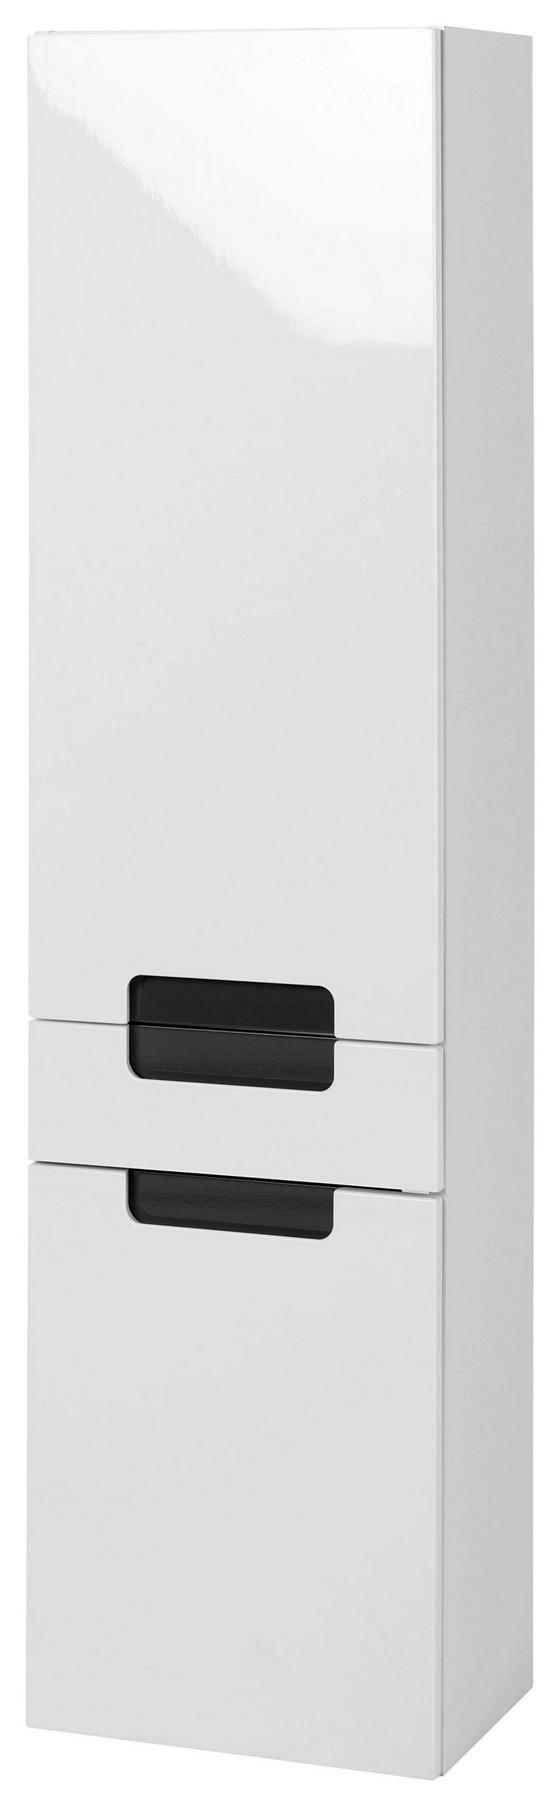 Hochschrank Siena 40cm Weiß/hglz Anthrazit - Anthrazit/Weiß, MODERN, Holzwerkstoff (40/154/27cm)